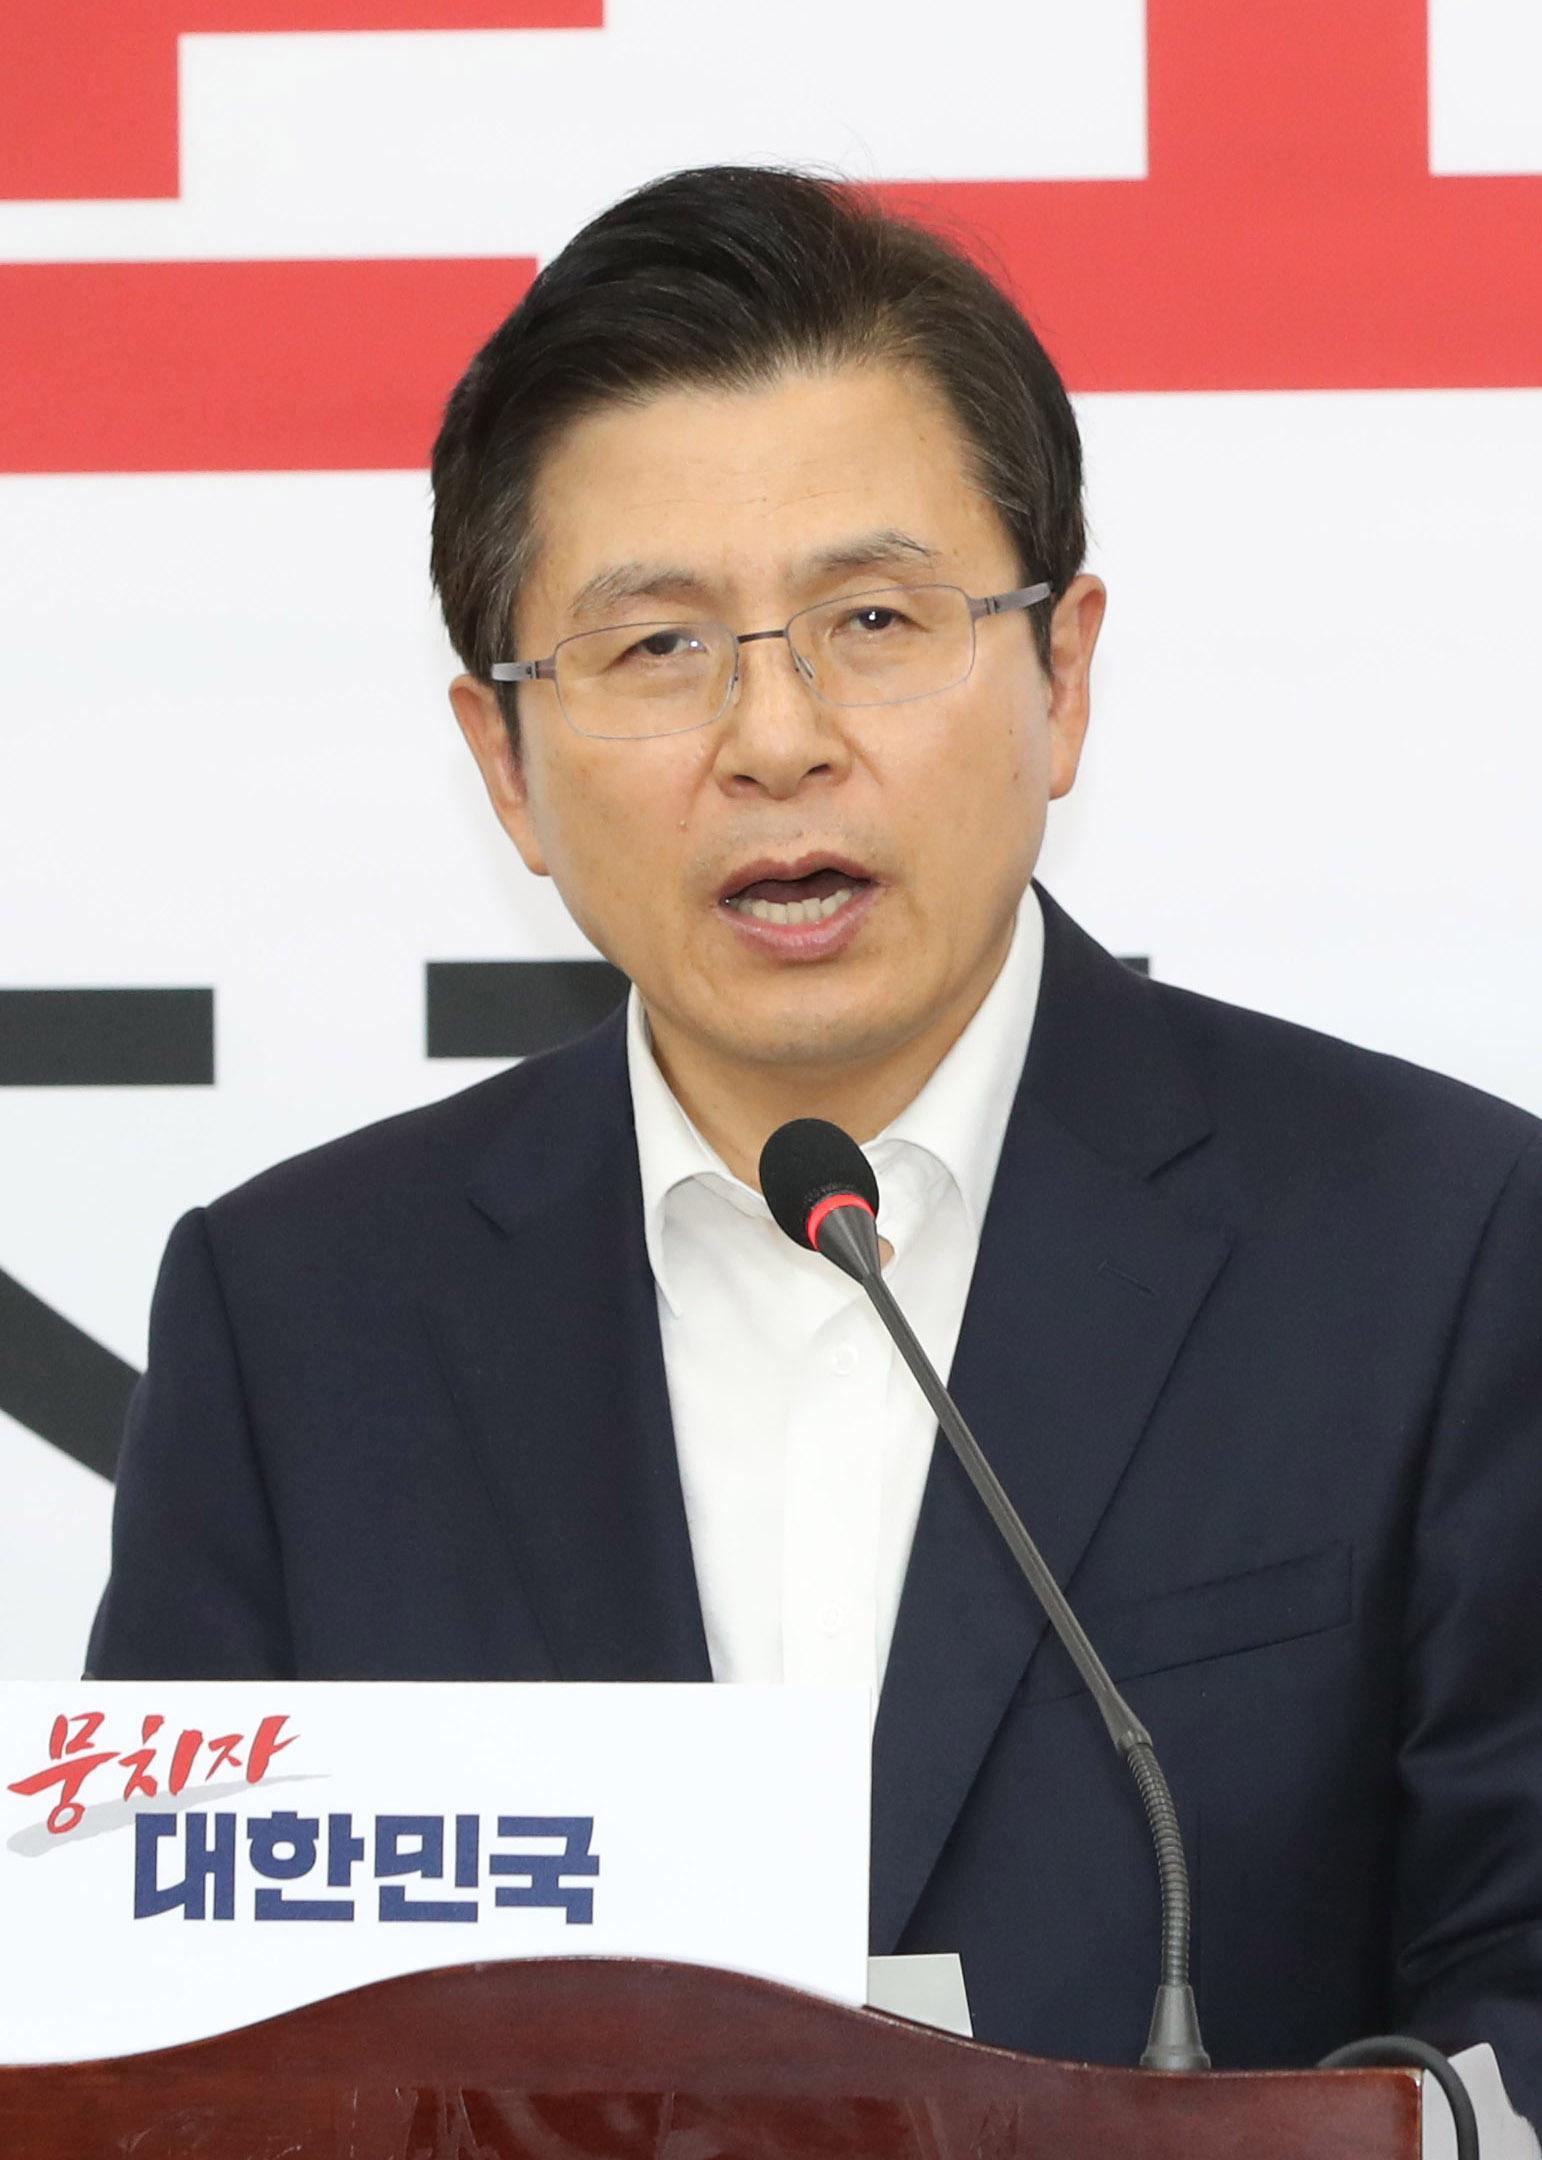 황교안 자유한국당 대표. 오종택 기자